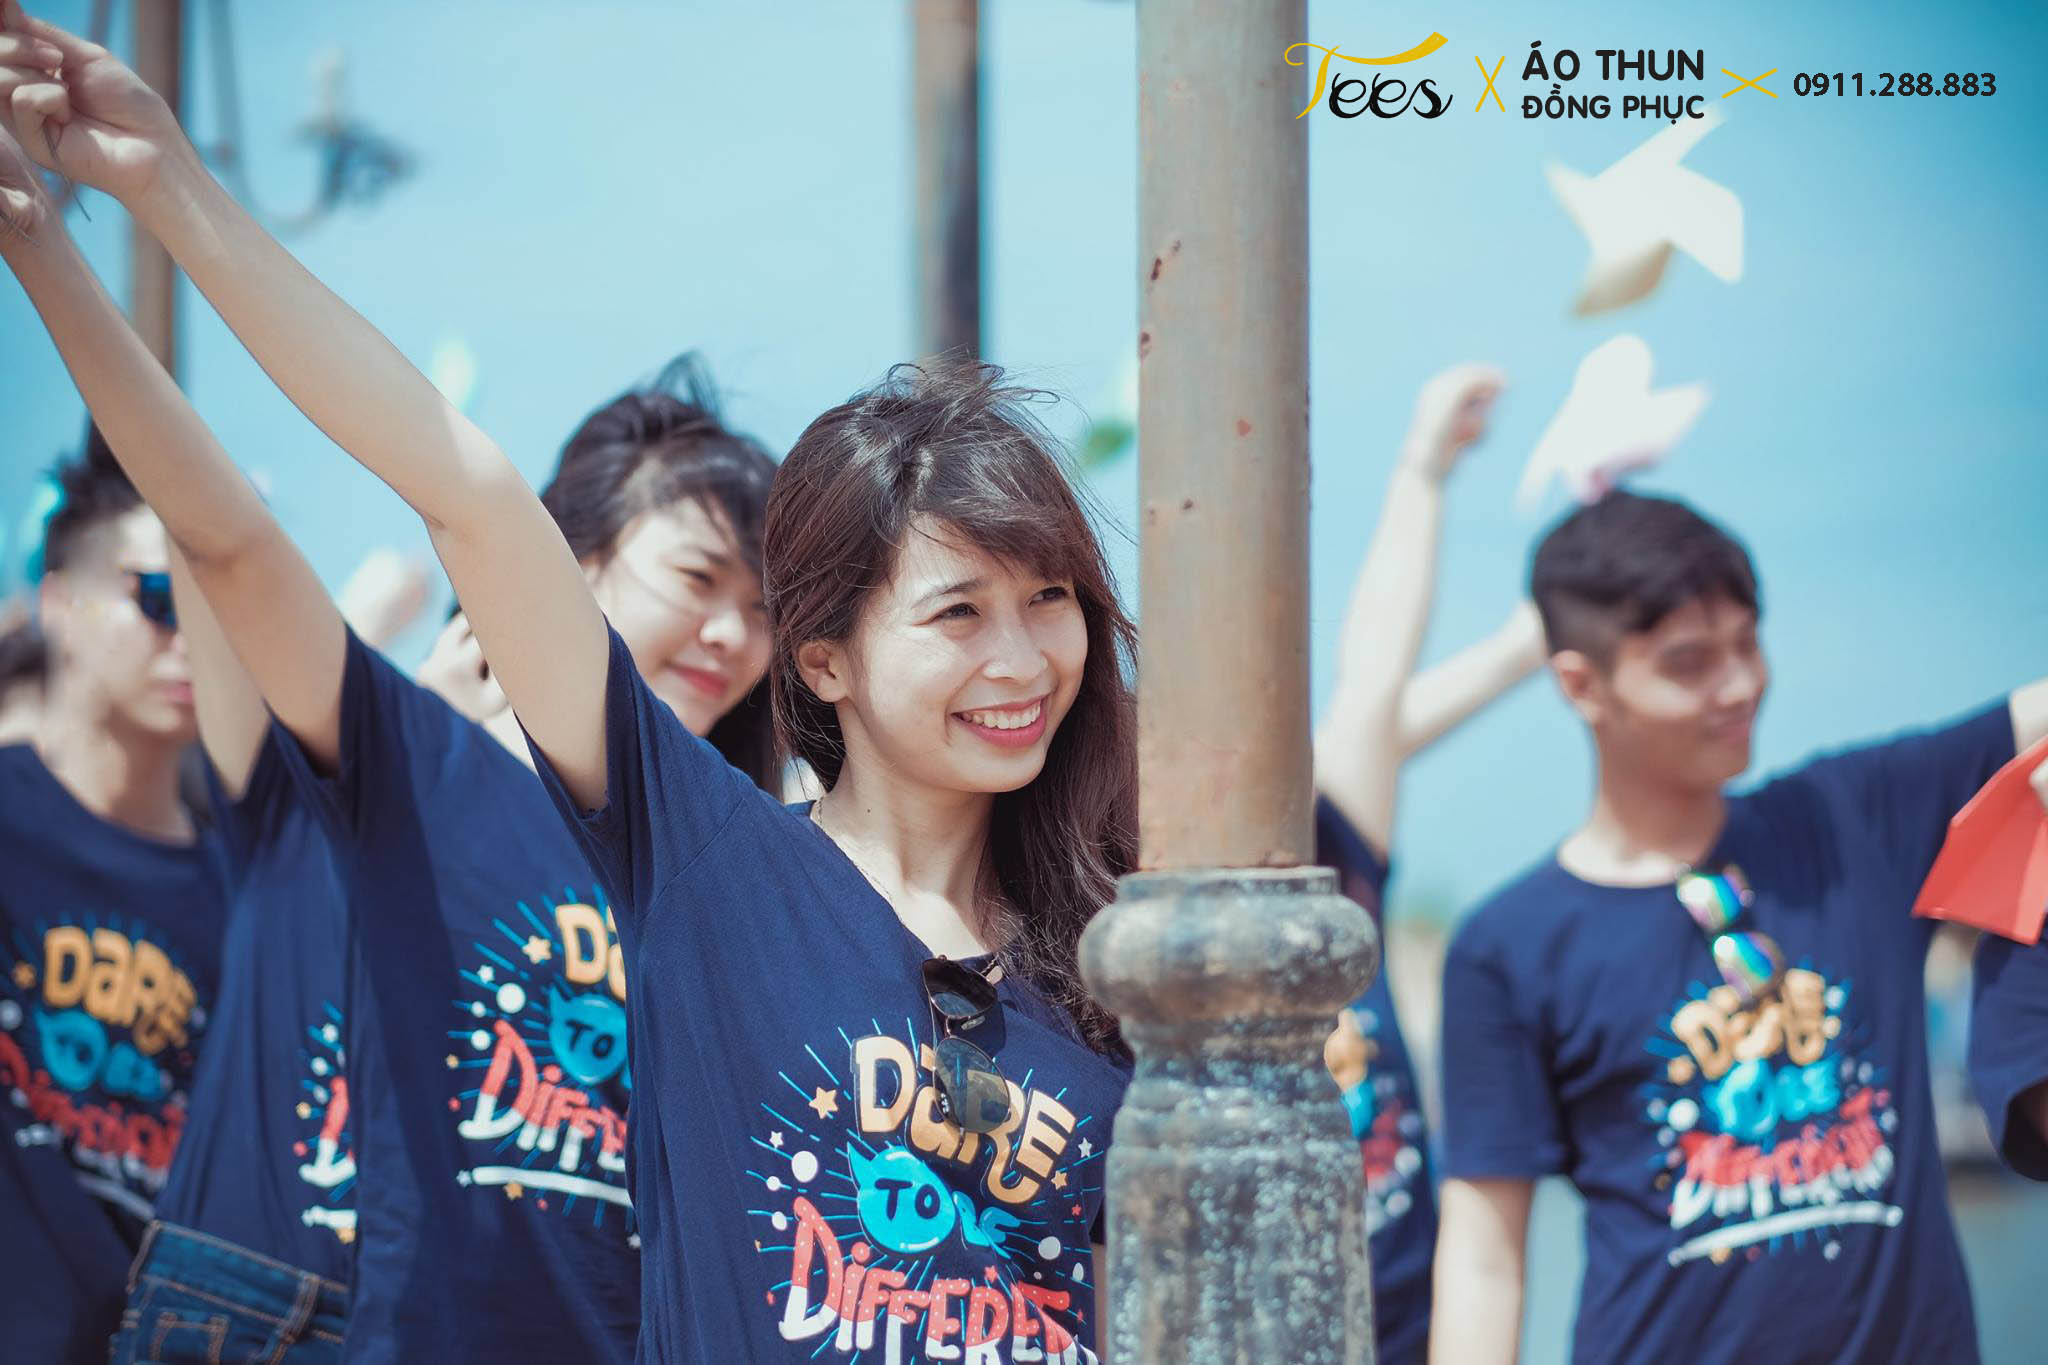 aothun D3 THPT Tran Bien 9 - Áo thun lớp 12D3 – Trường THPT Trấn Biên – Biên Hòa